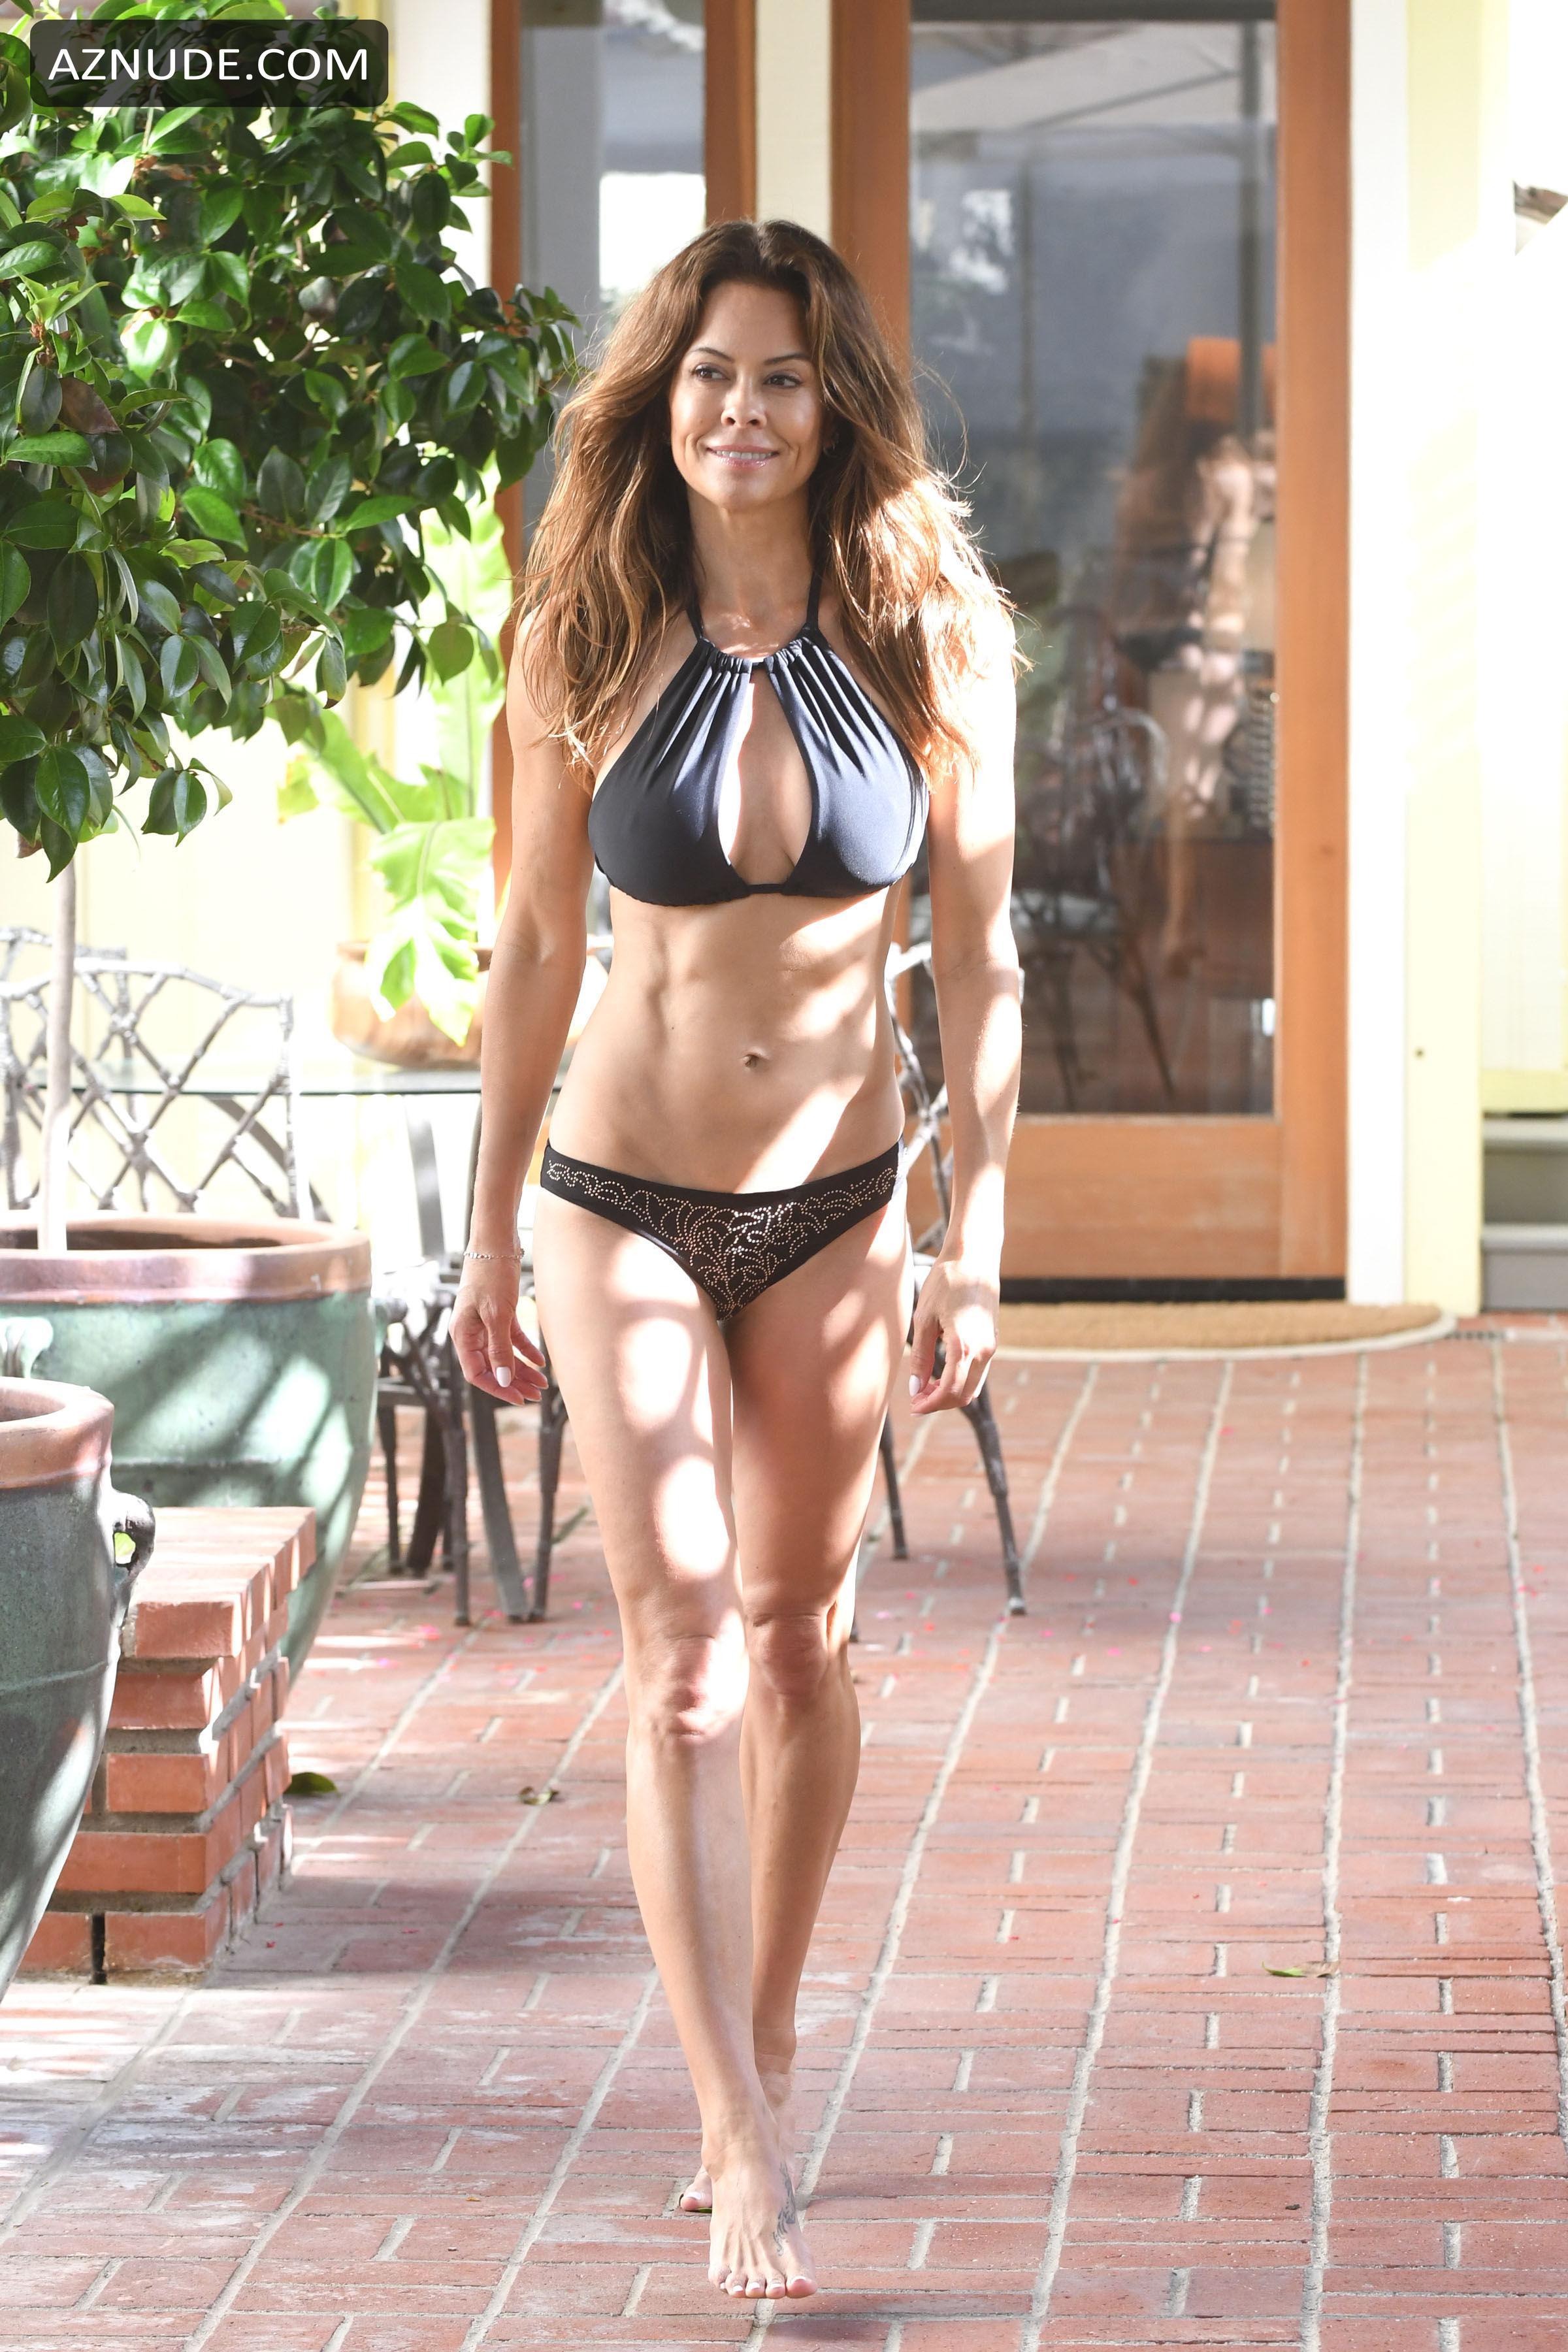 Sex Brooke Burke Charvet Nude Pics Jpg